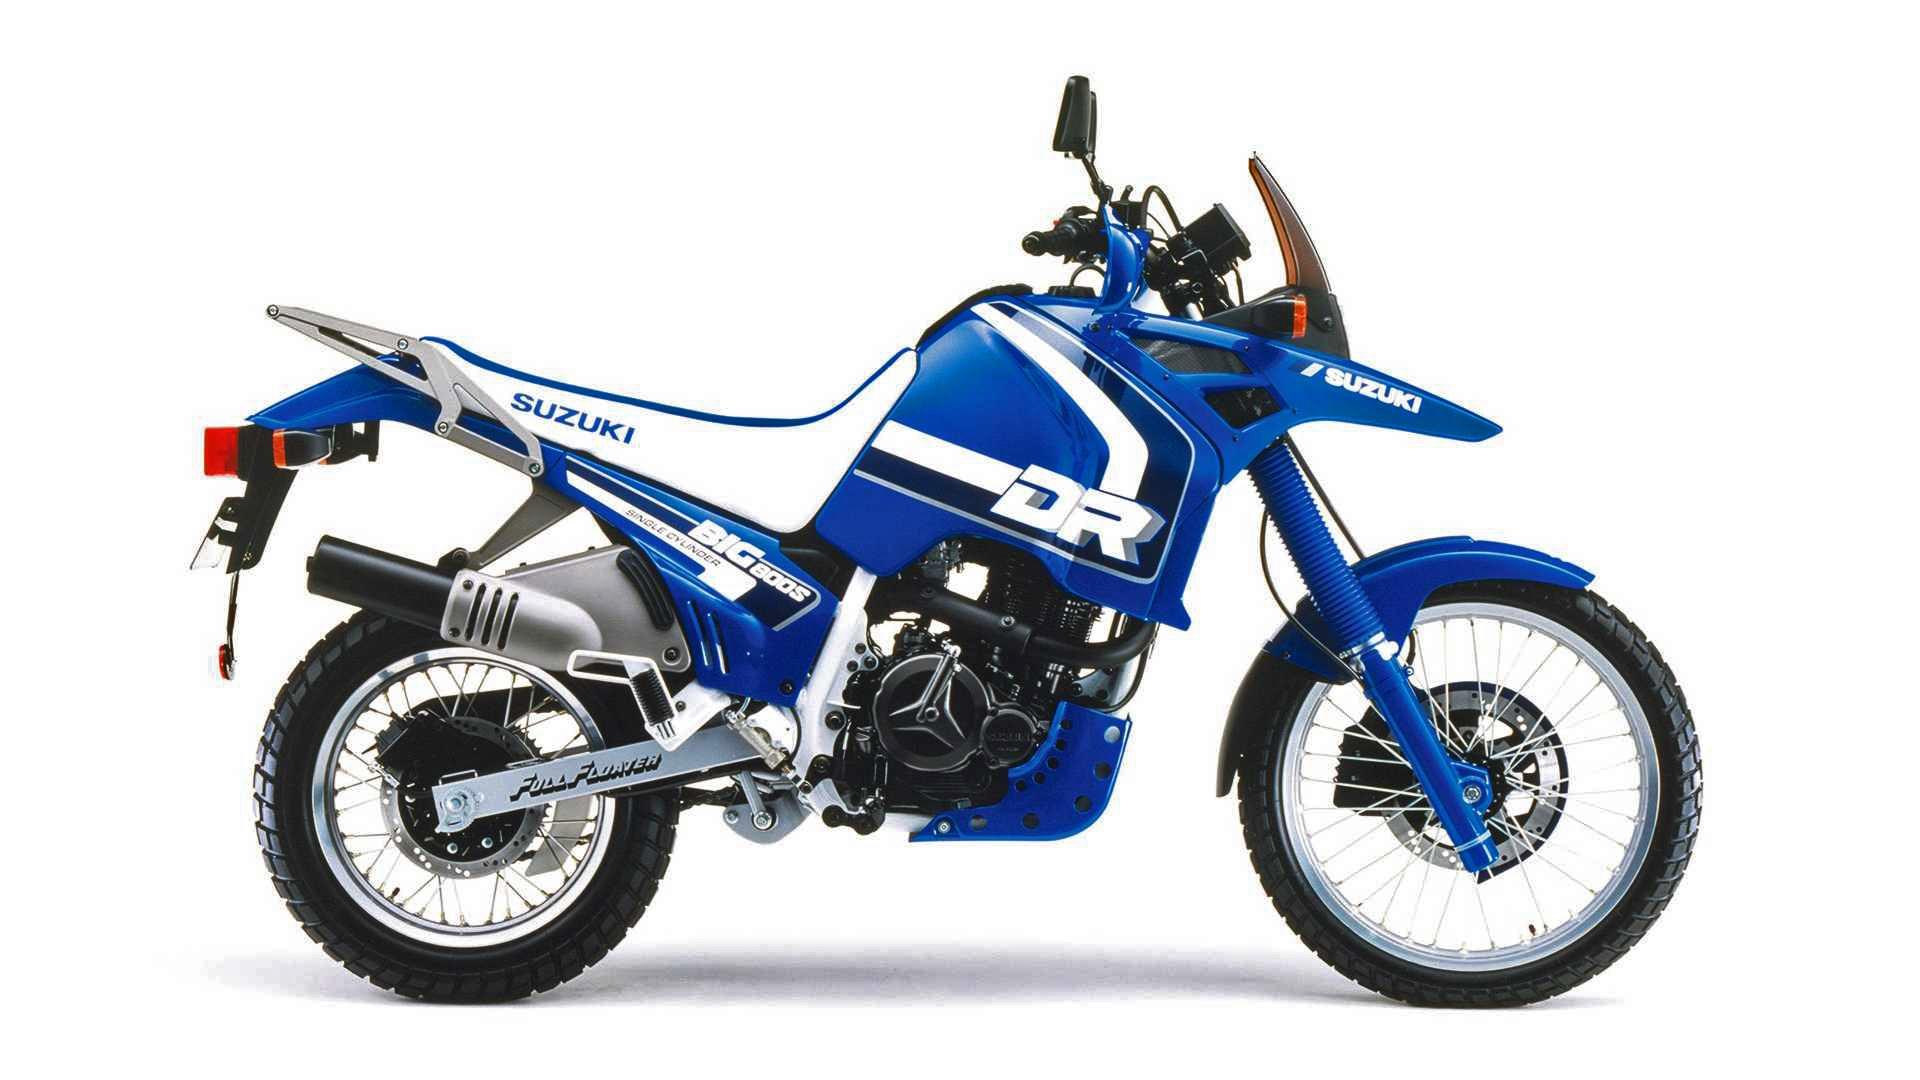 Moto del día: Suzuki DR 800S Big